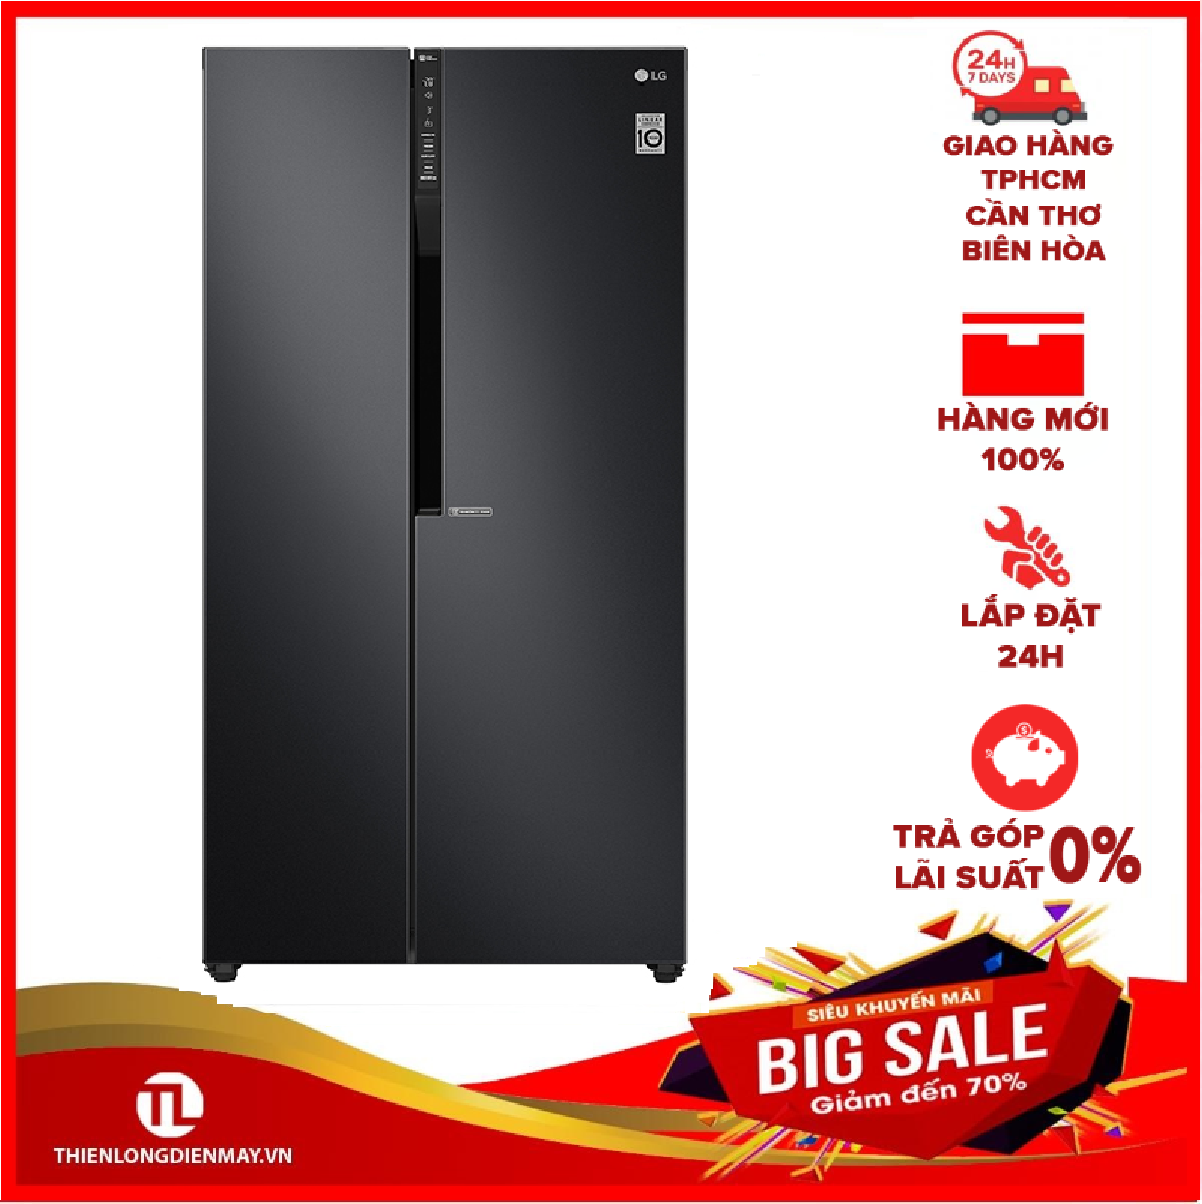 Tủ lạnh LG Inverter 613 lít GR-B247WB Mới 2020